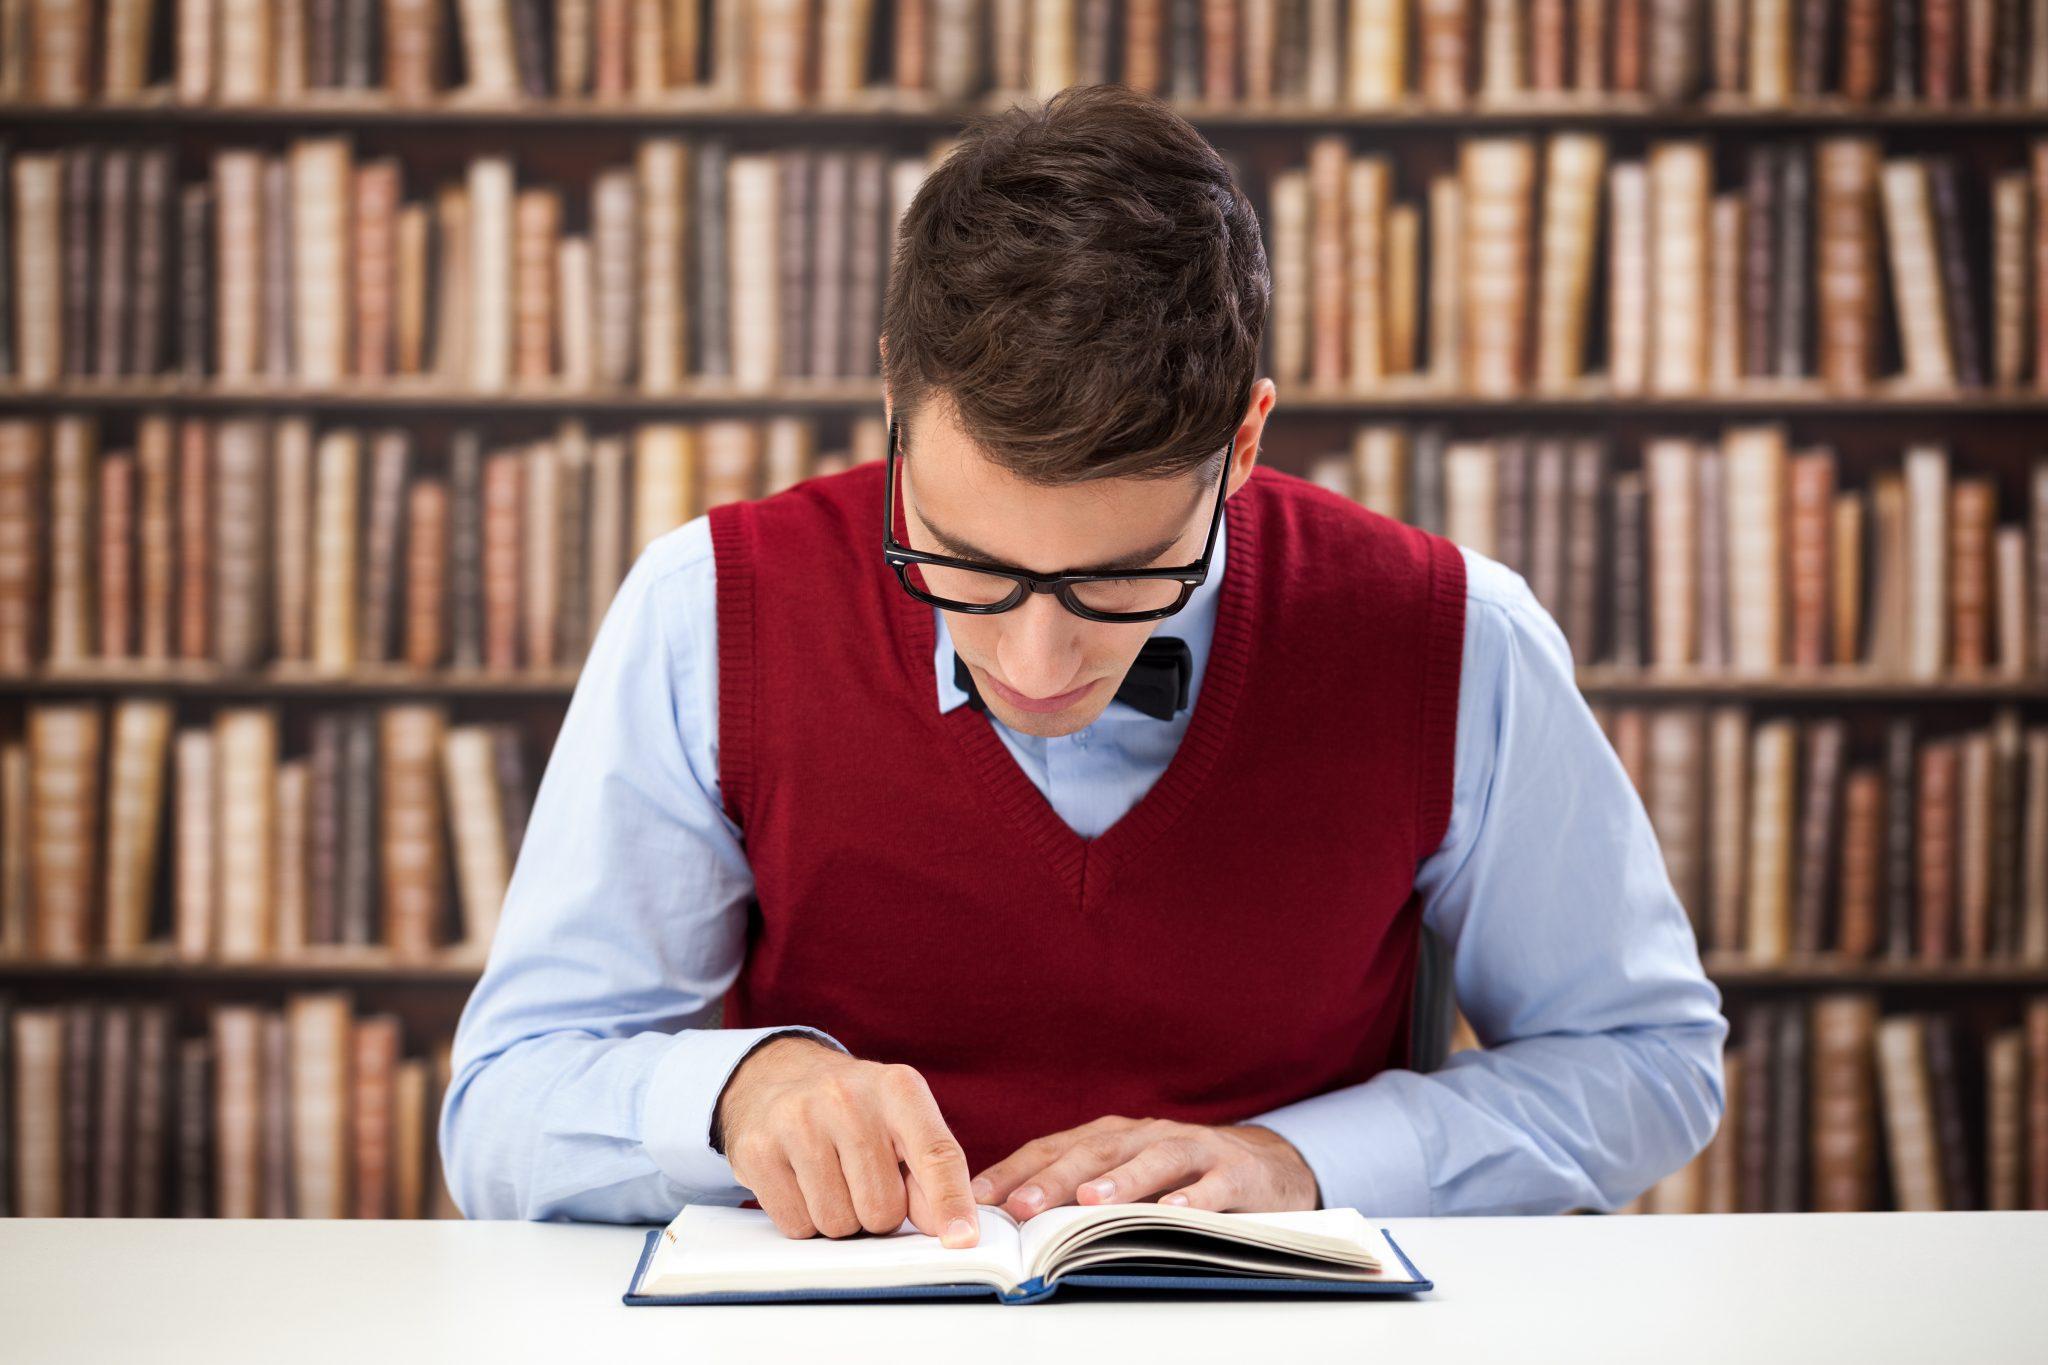 Estudante Concentrado